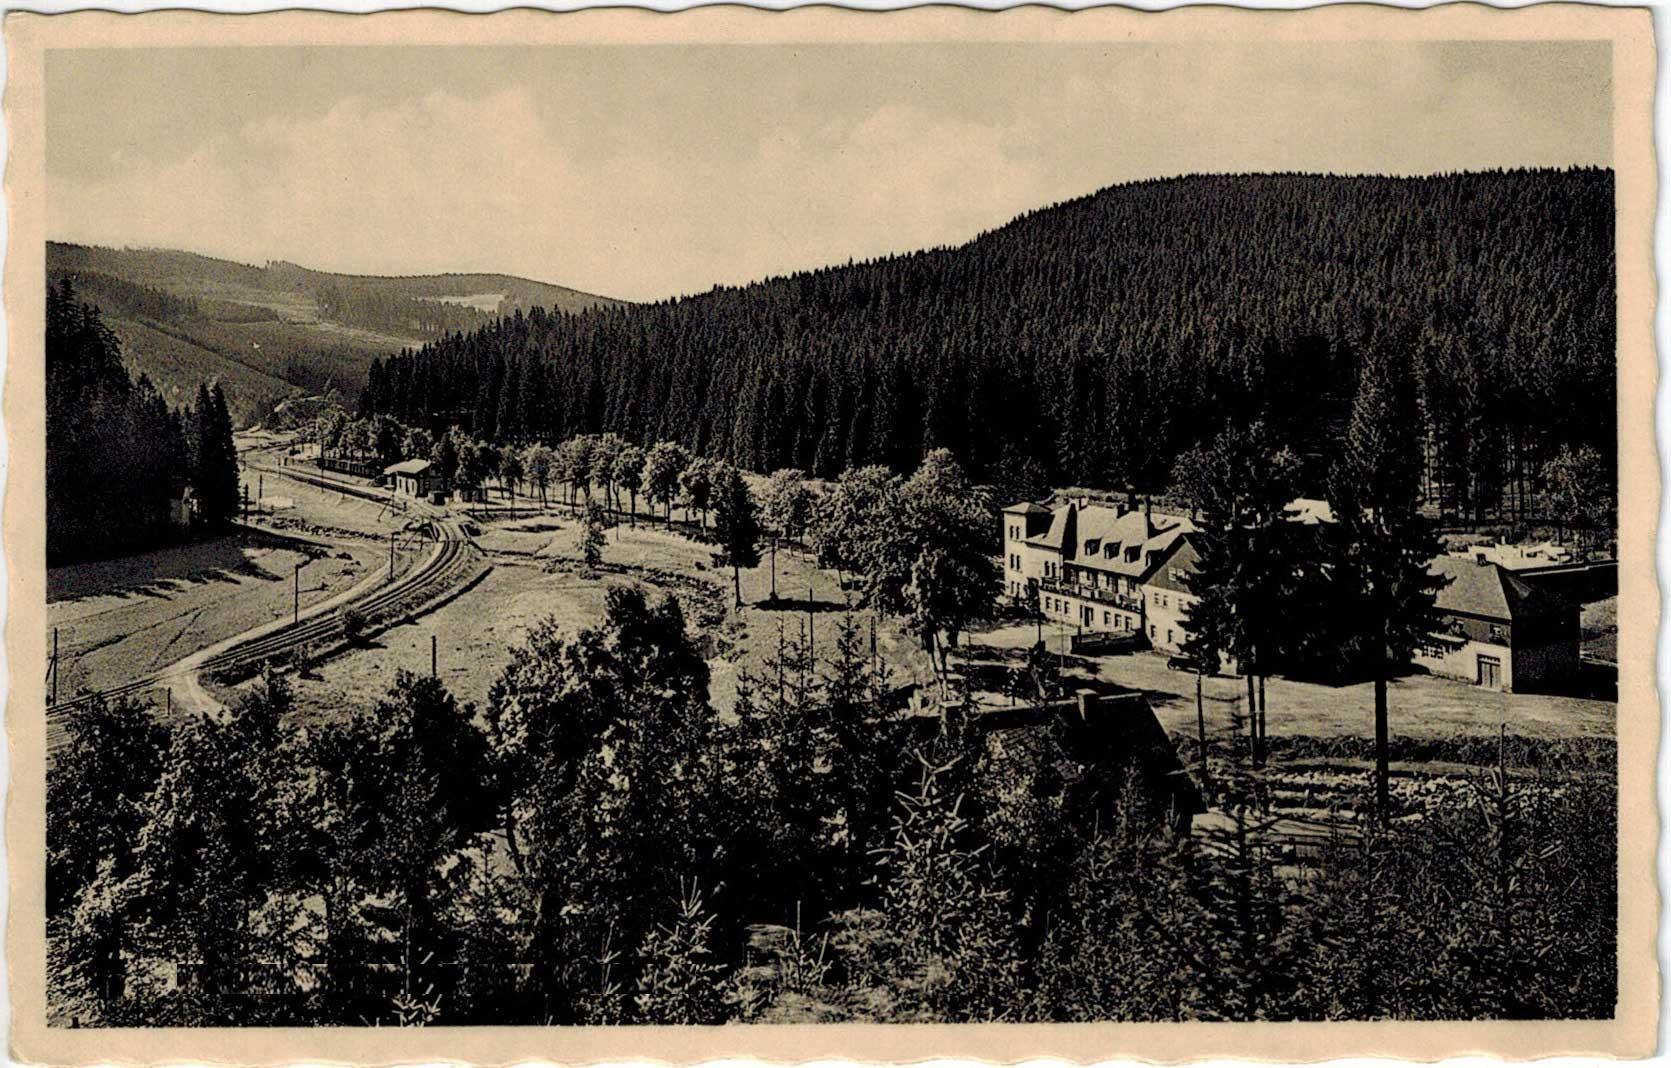 1934, a kép alján lévő fenyőfák mögött a Ház teteje